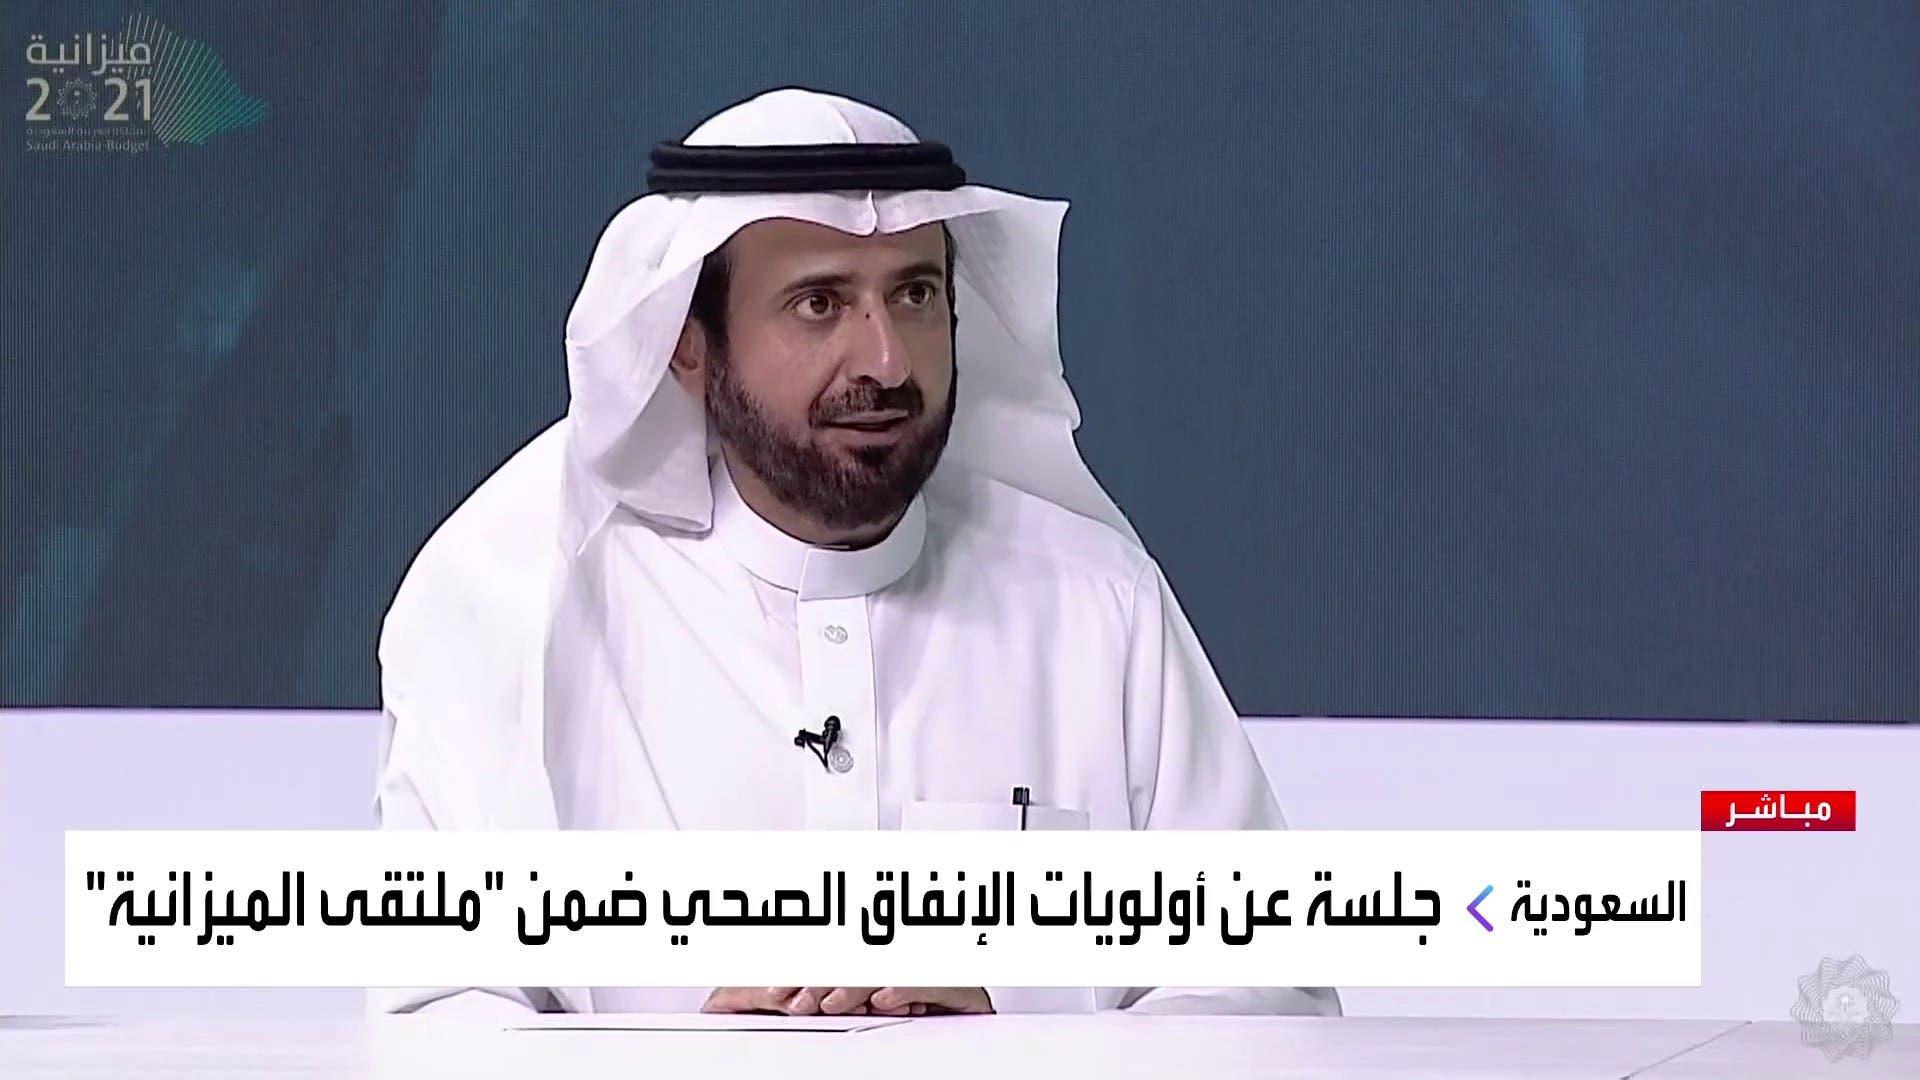 وزير الصحة السعودي